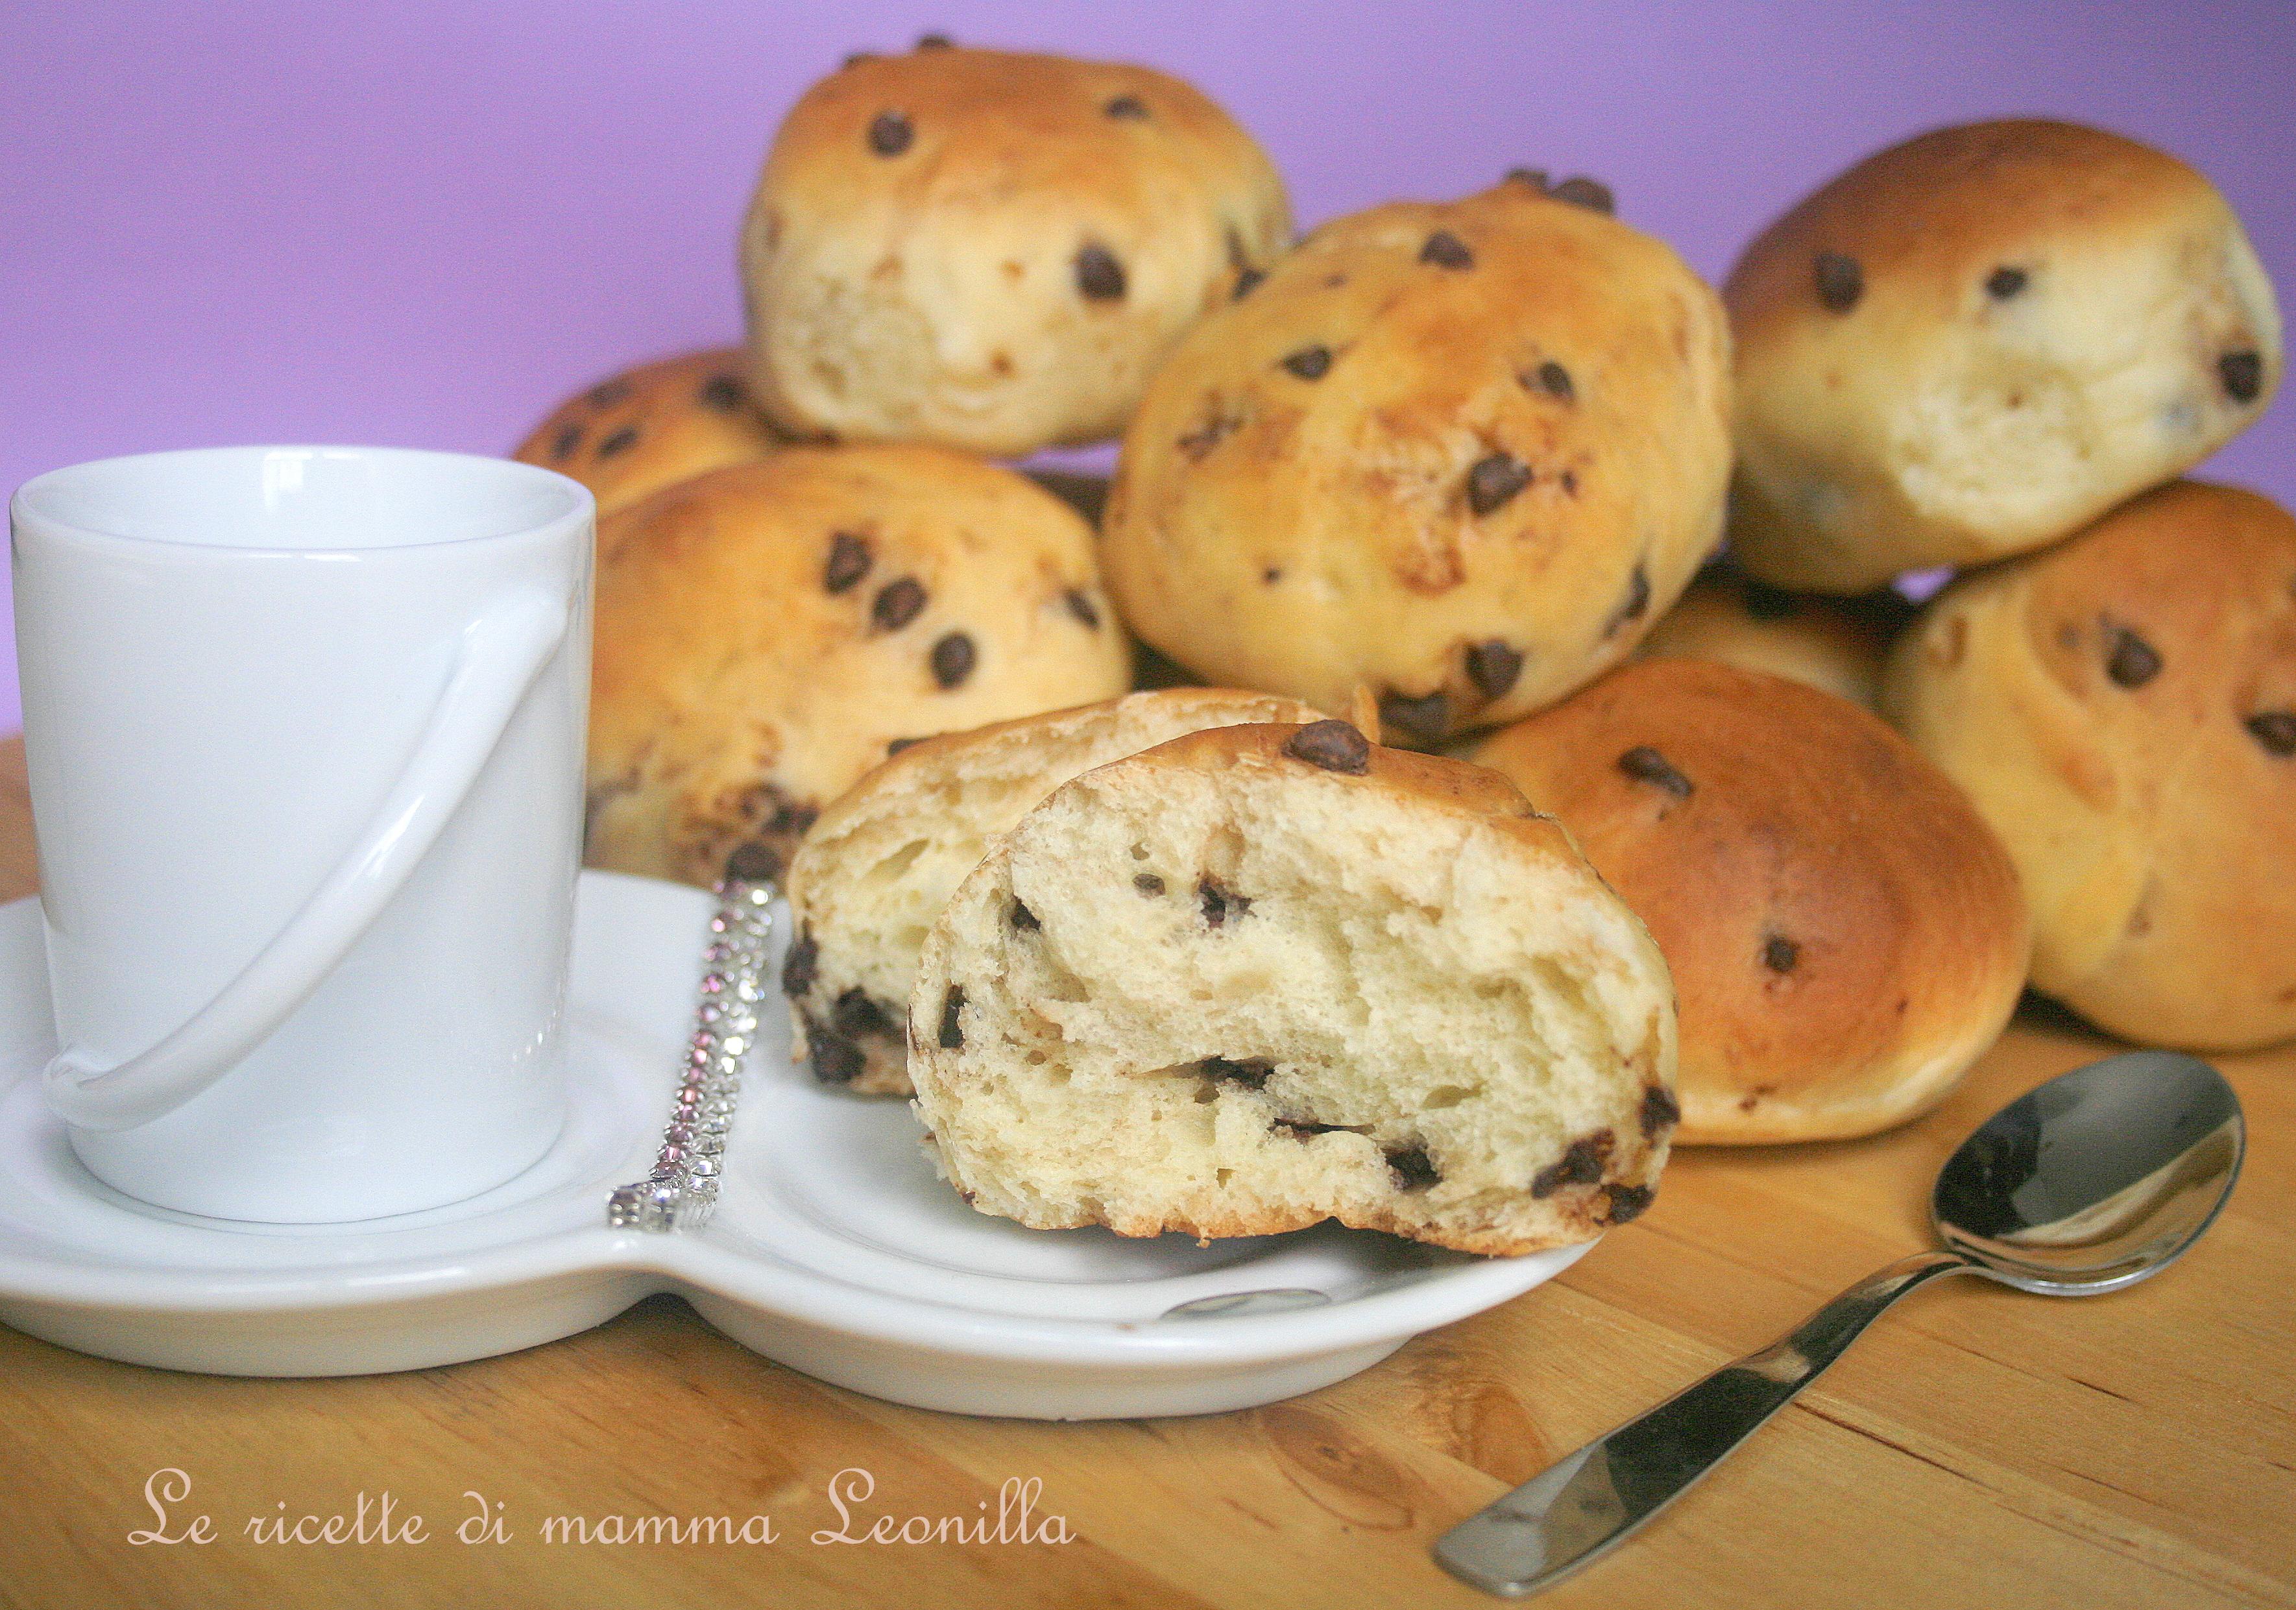 Pangoccioli fatti in casa sofficissimi ricetta dolce - Faretti in casa ...